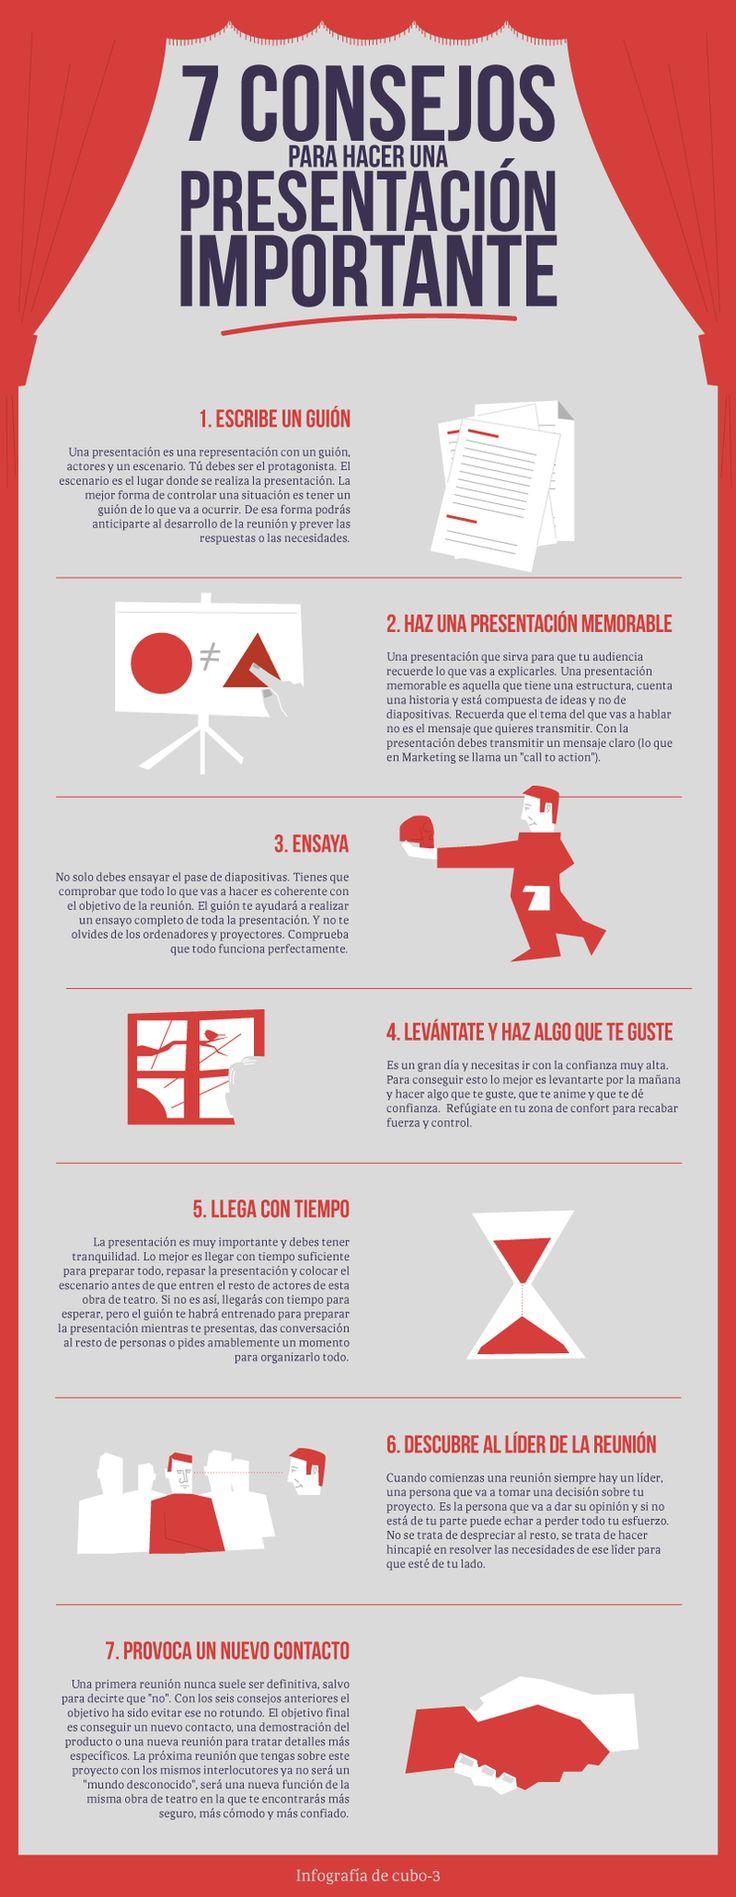 7 consejos para hacer una #presentación importante #infografia #marketing